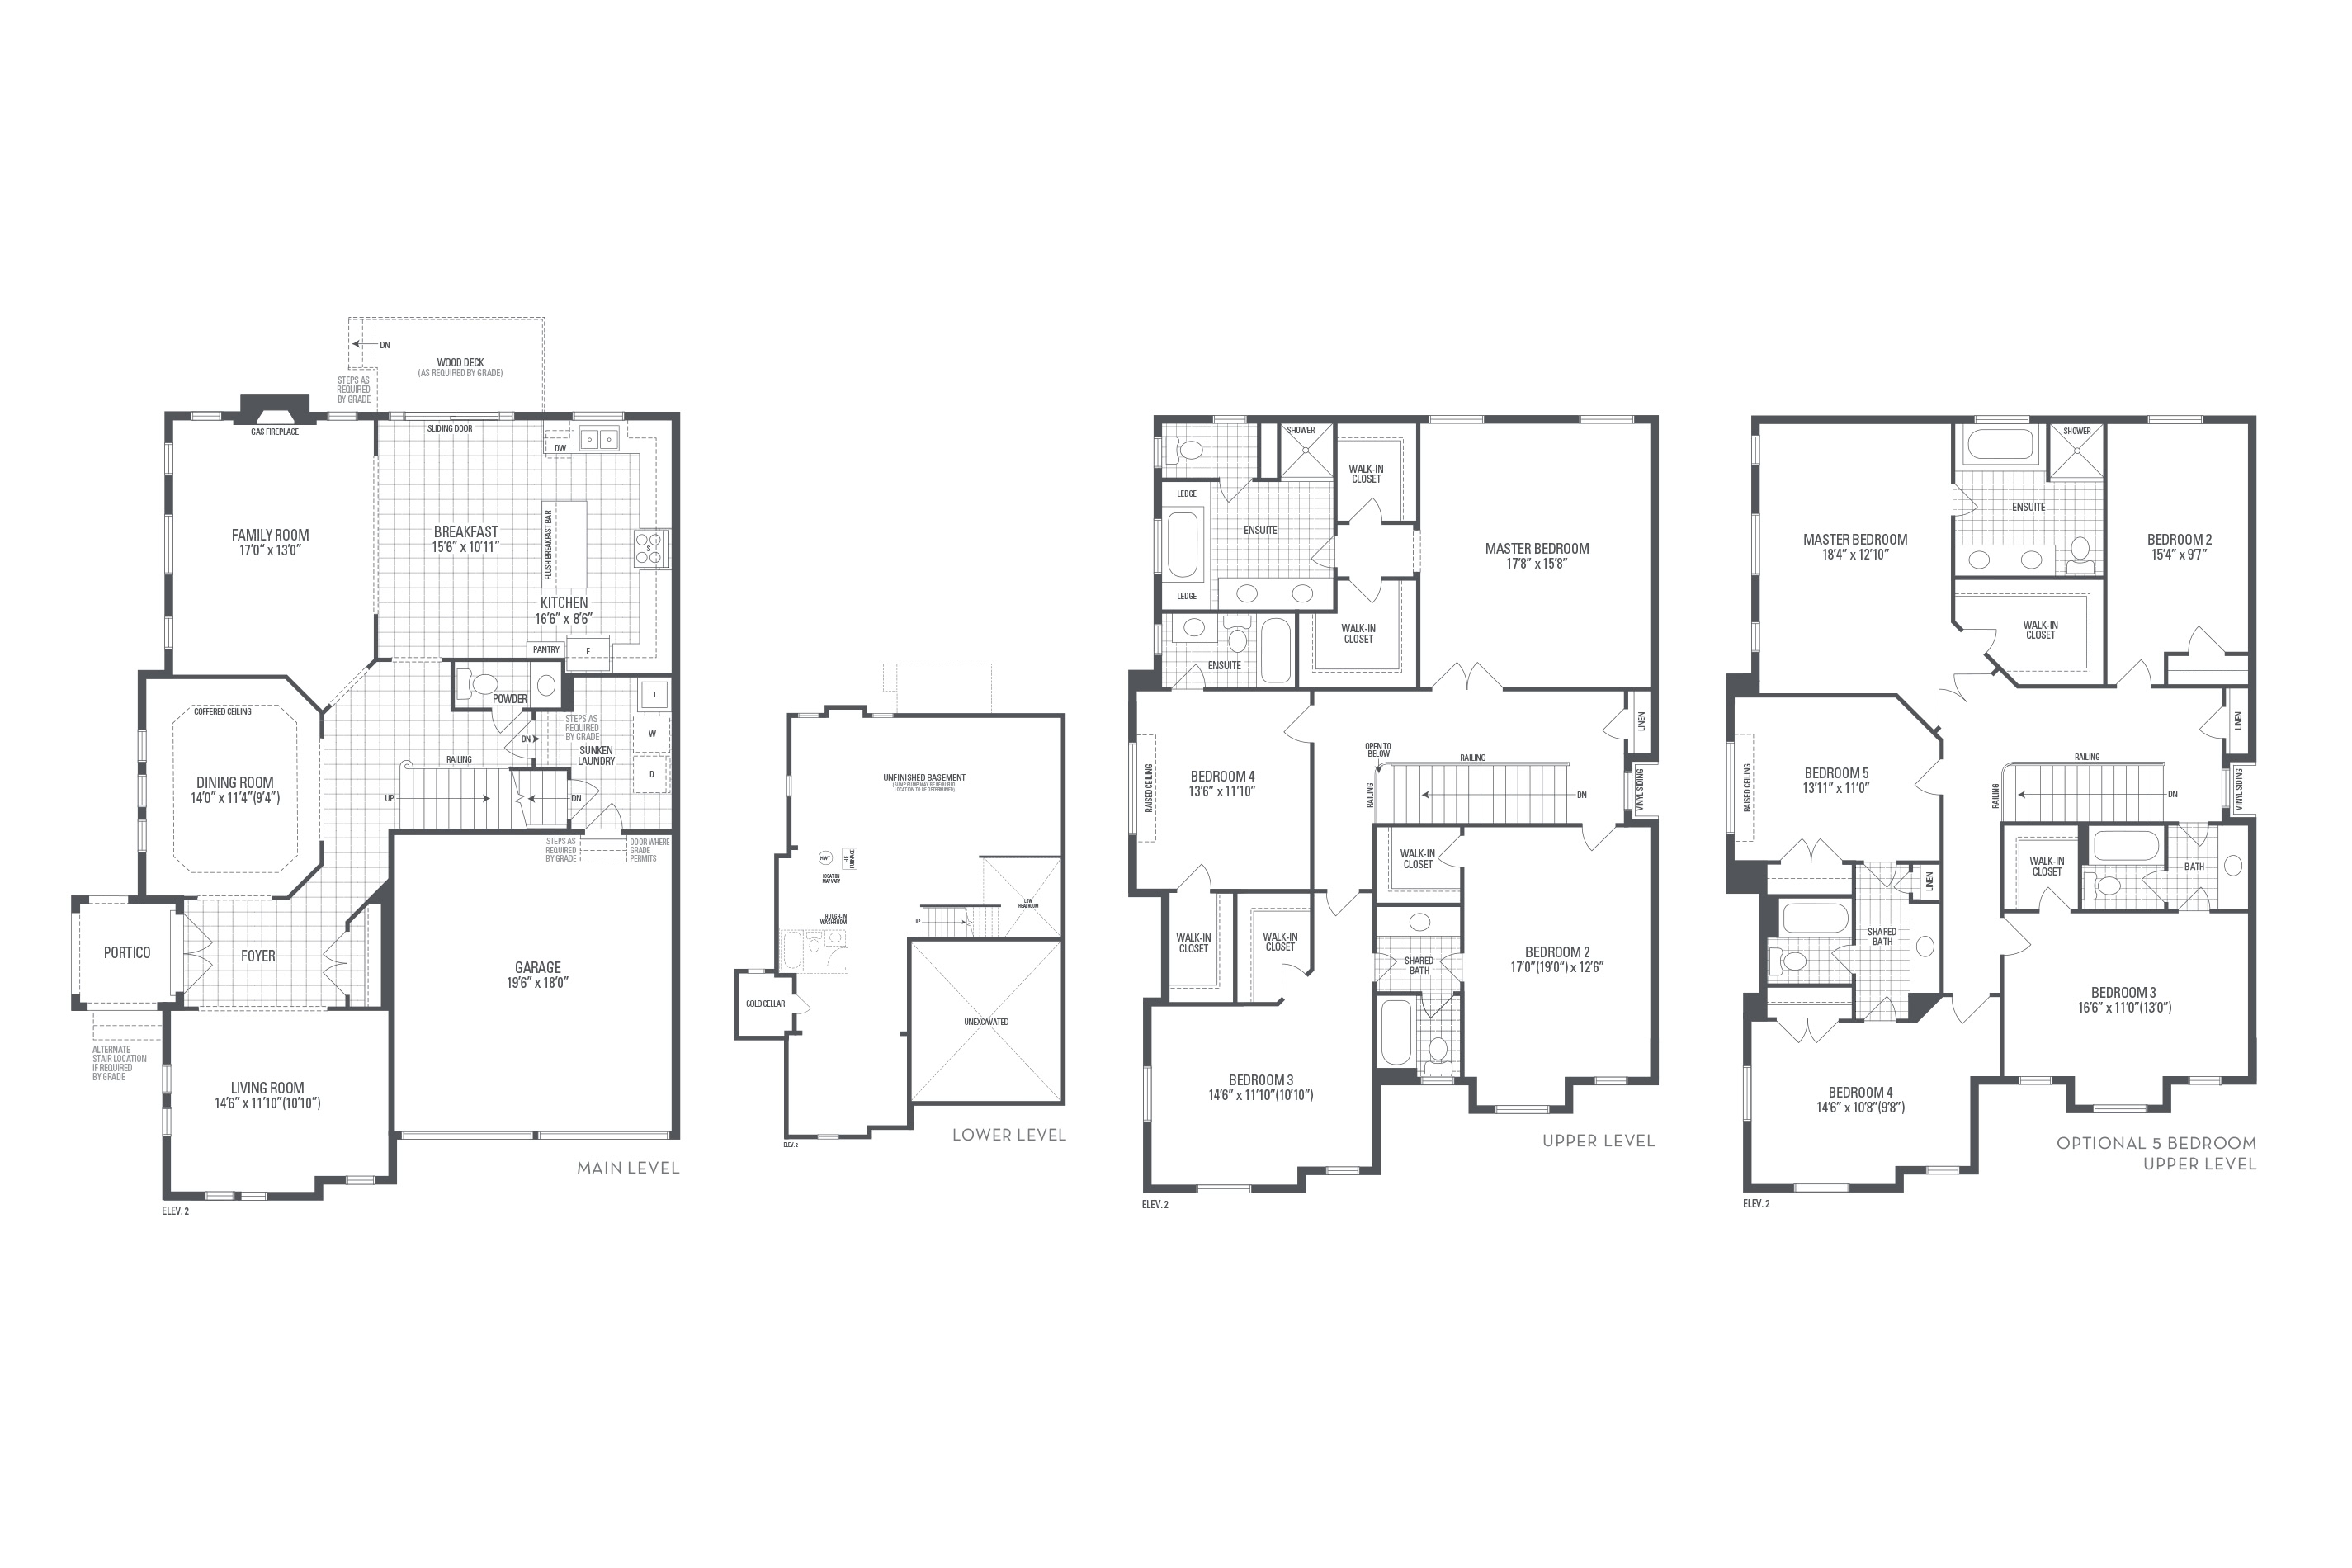 Crawford 11 Elev. 2 Floorplan